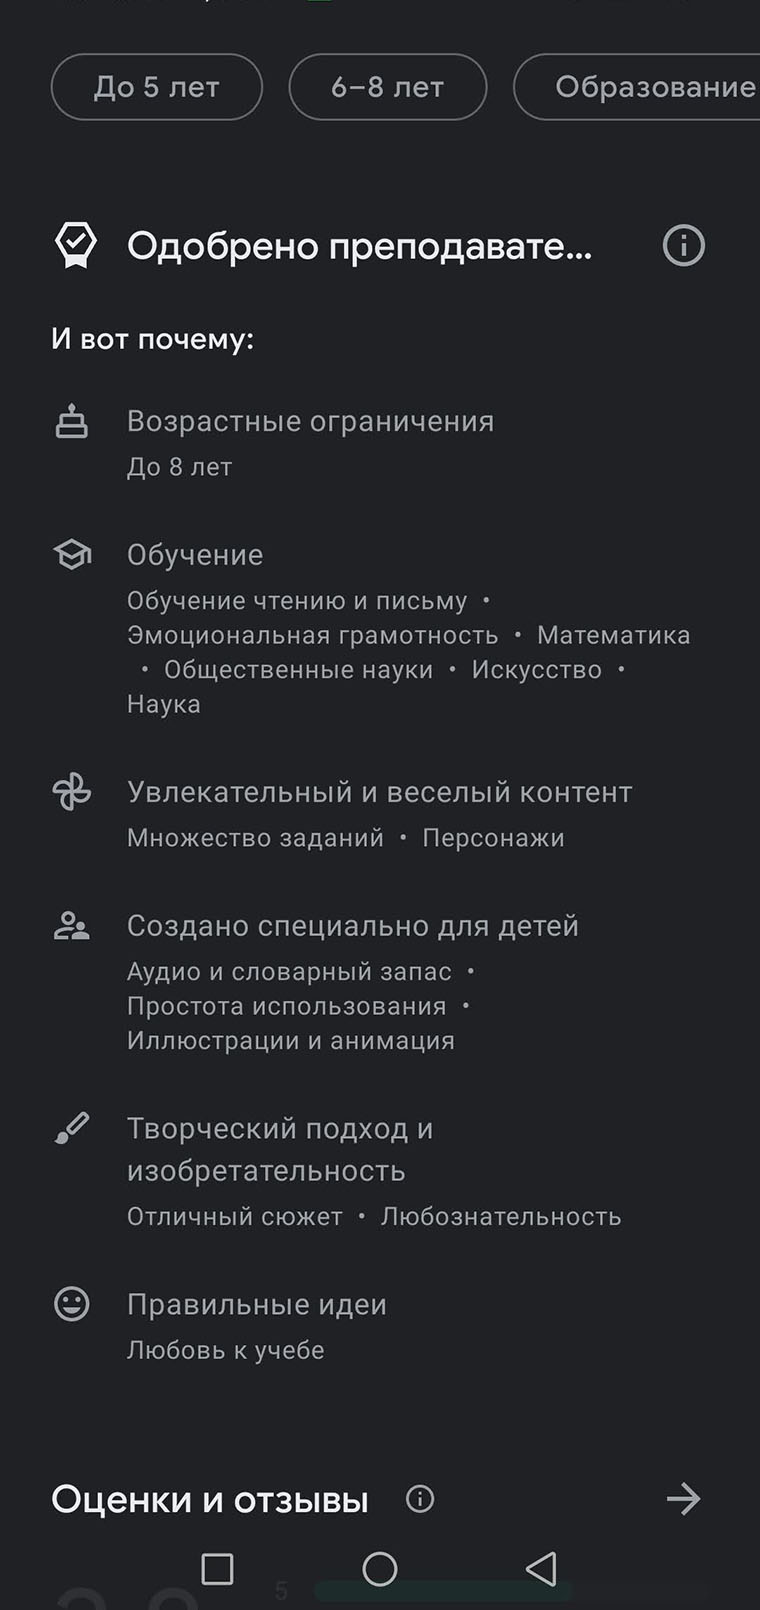 Описание приложения